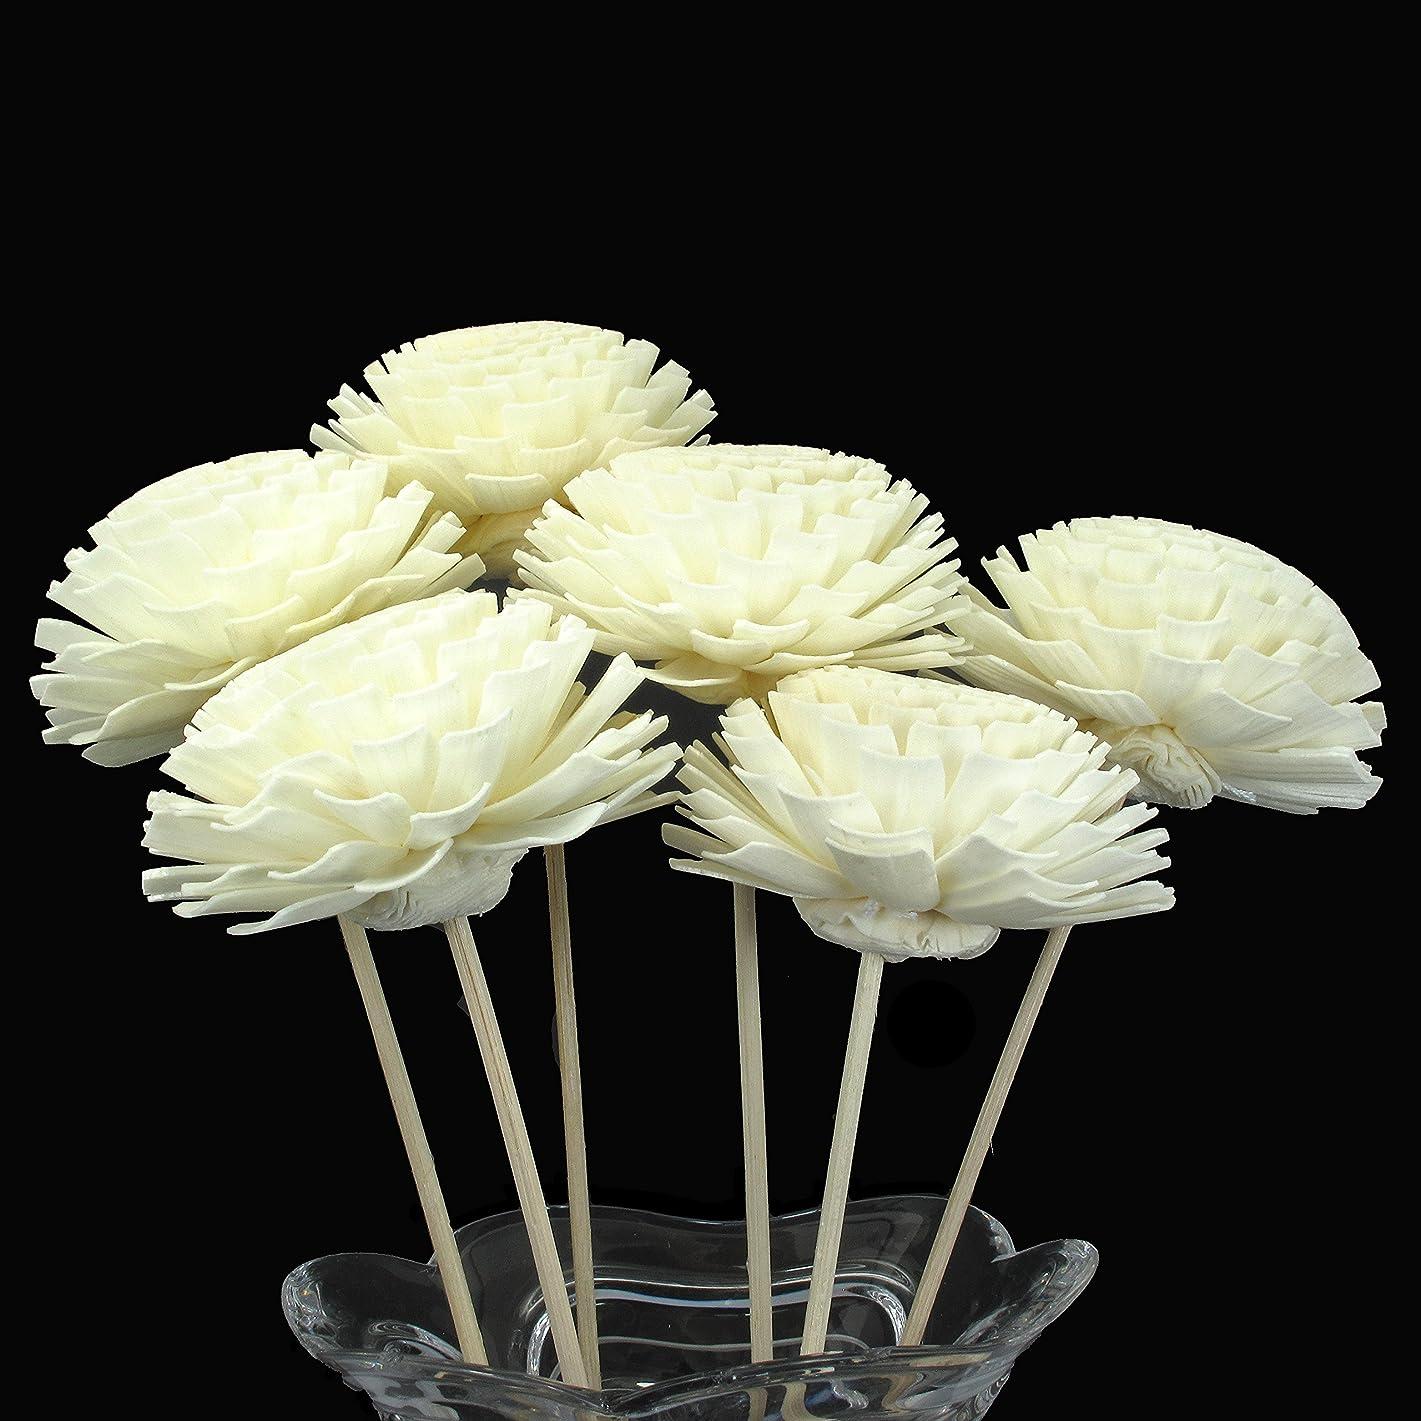 グローブレオナルドダトマトSola木製アロマオイルディフューザーZinnia花with Rattan Reed Diffuser Sticks、6パック